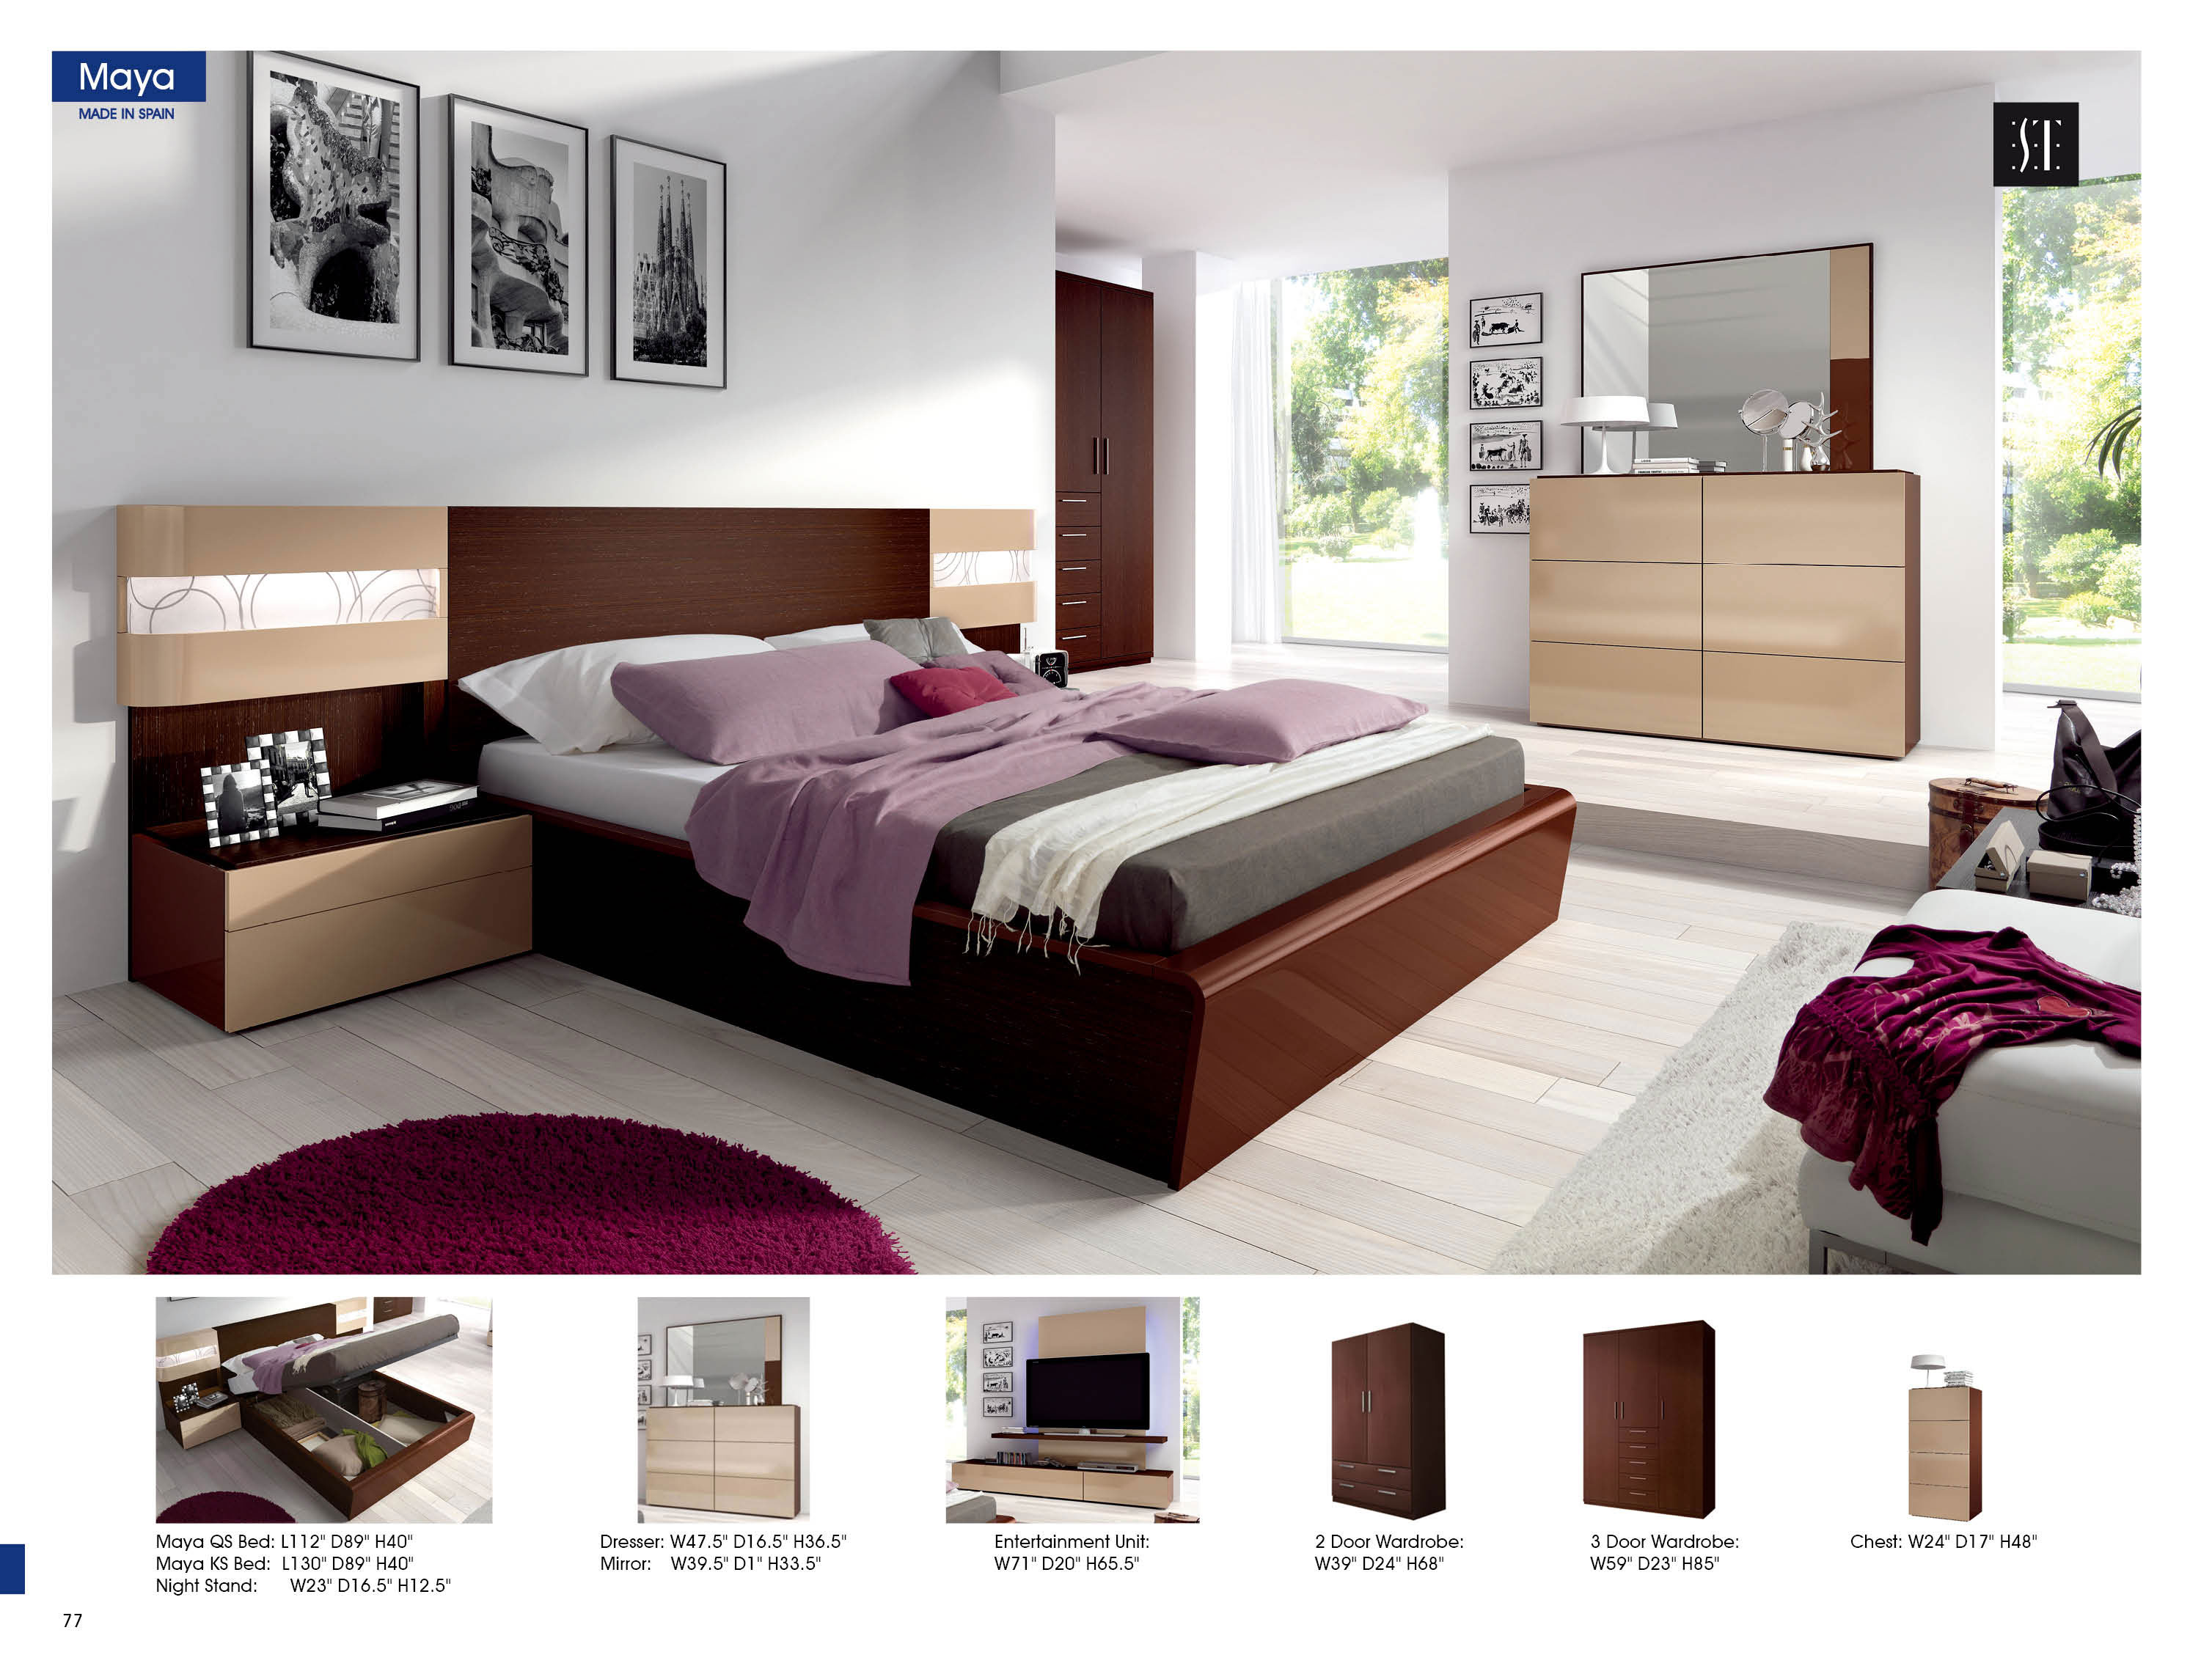 Maya, Modern Bedrooms, Bedroom Furniture